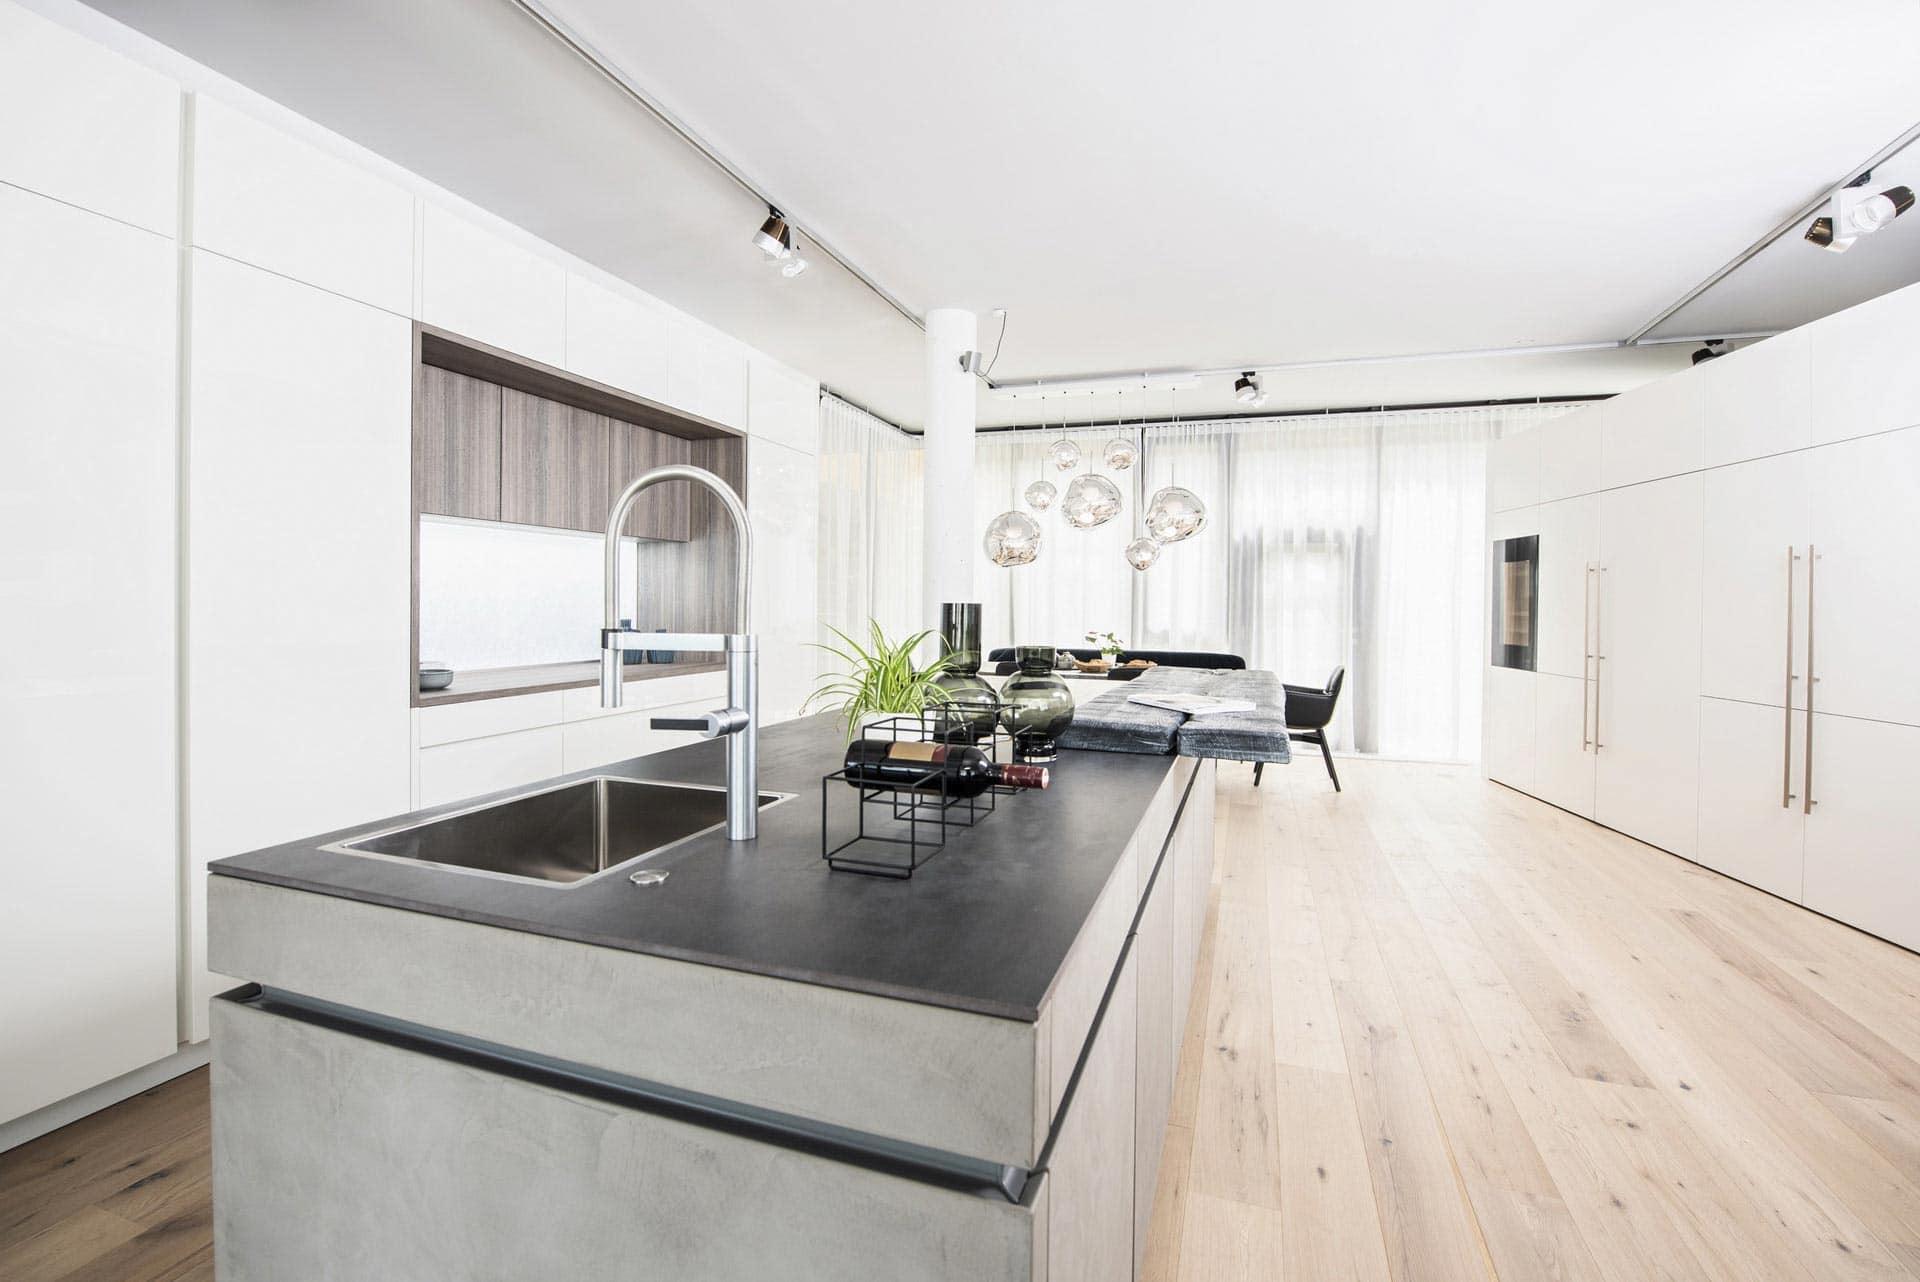 couchzone - Interior Design Innsbruck - Leicht Designküche